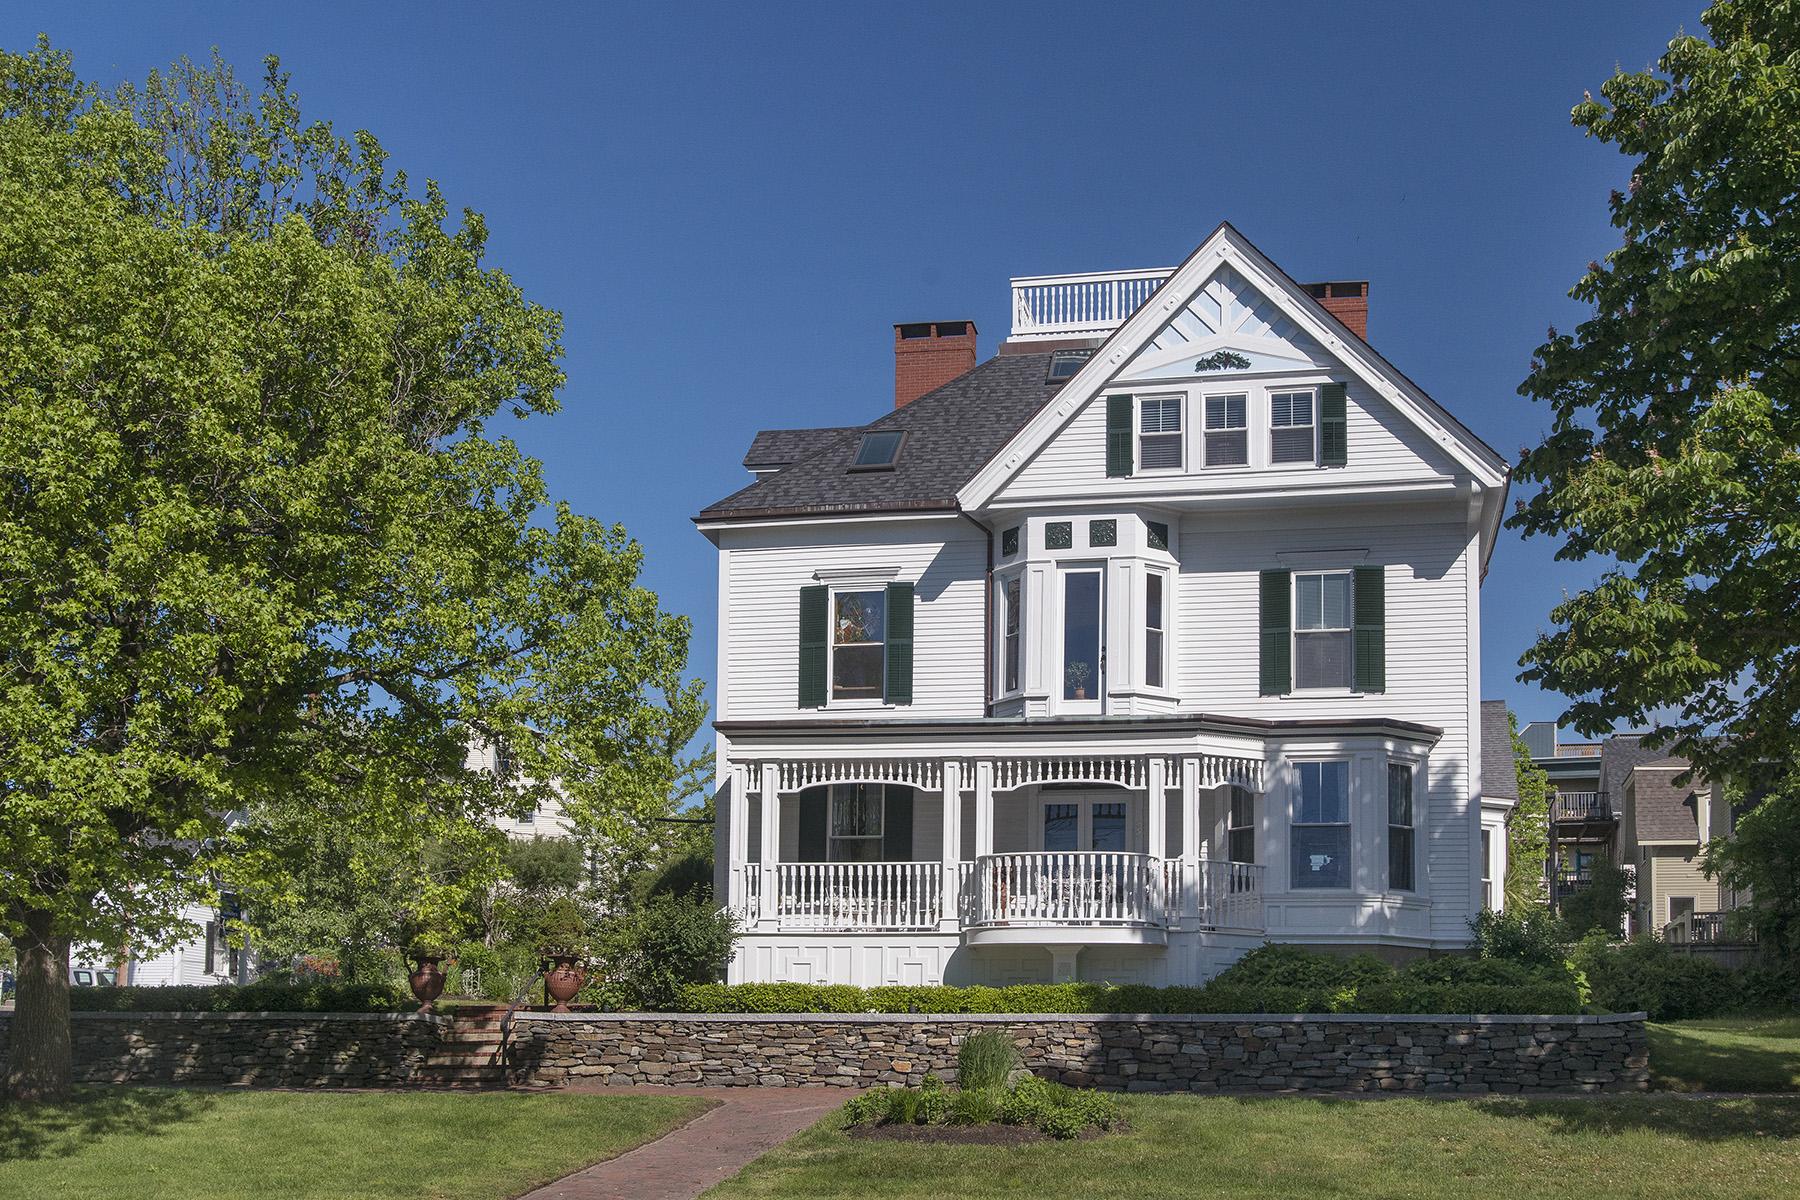 一戸建て のために 売買 アット 22 Eastern Promenade Portland, メーン, 04101 アメリカ合衆国